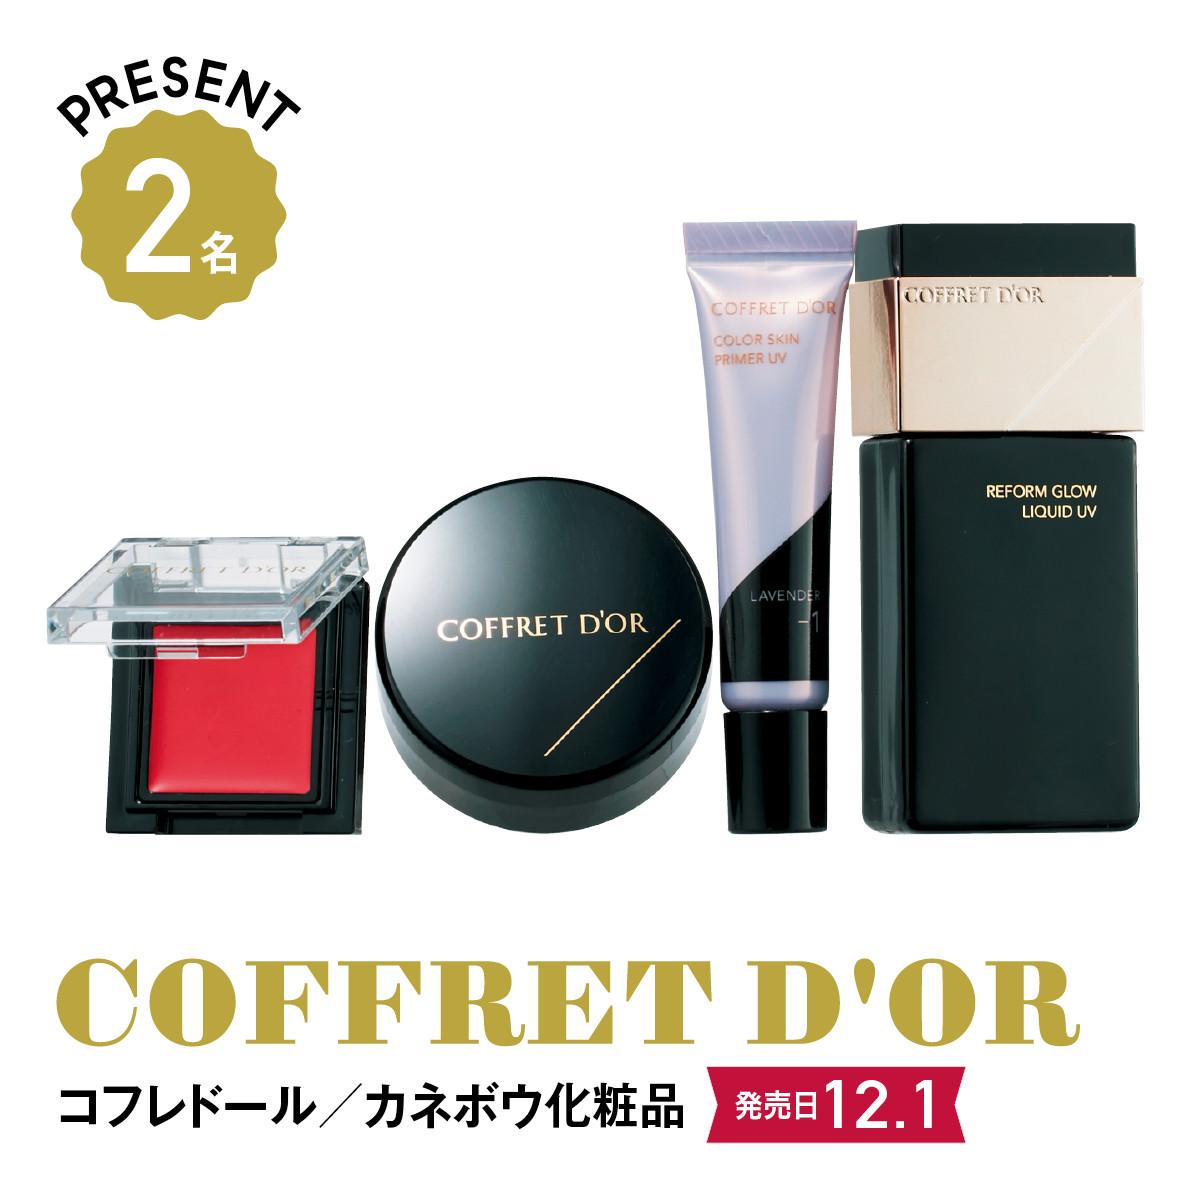 2019クリスマスコフレ&限定品:COFFRET D'OR/コフレドール